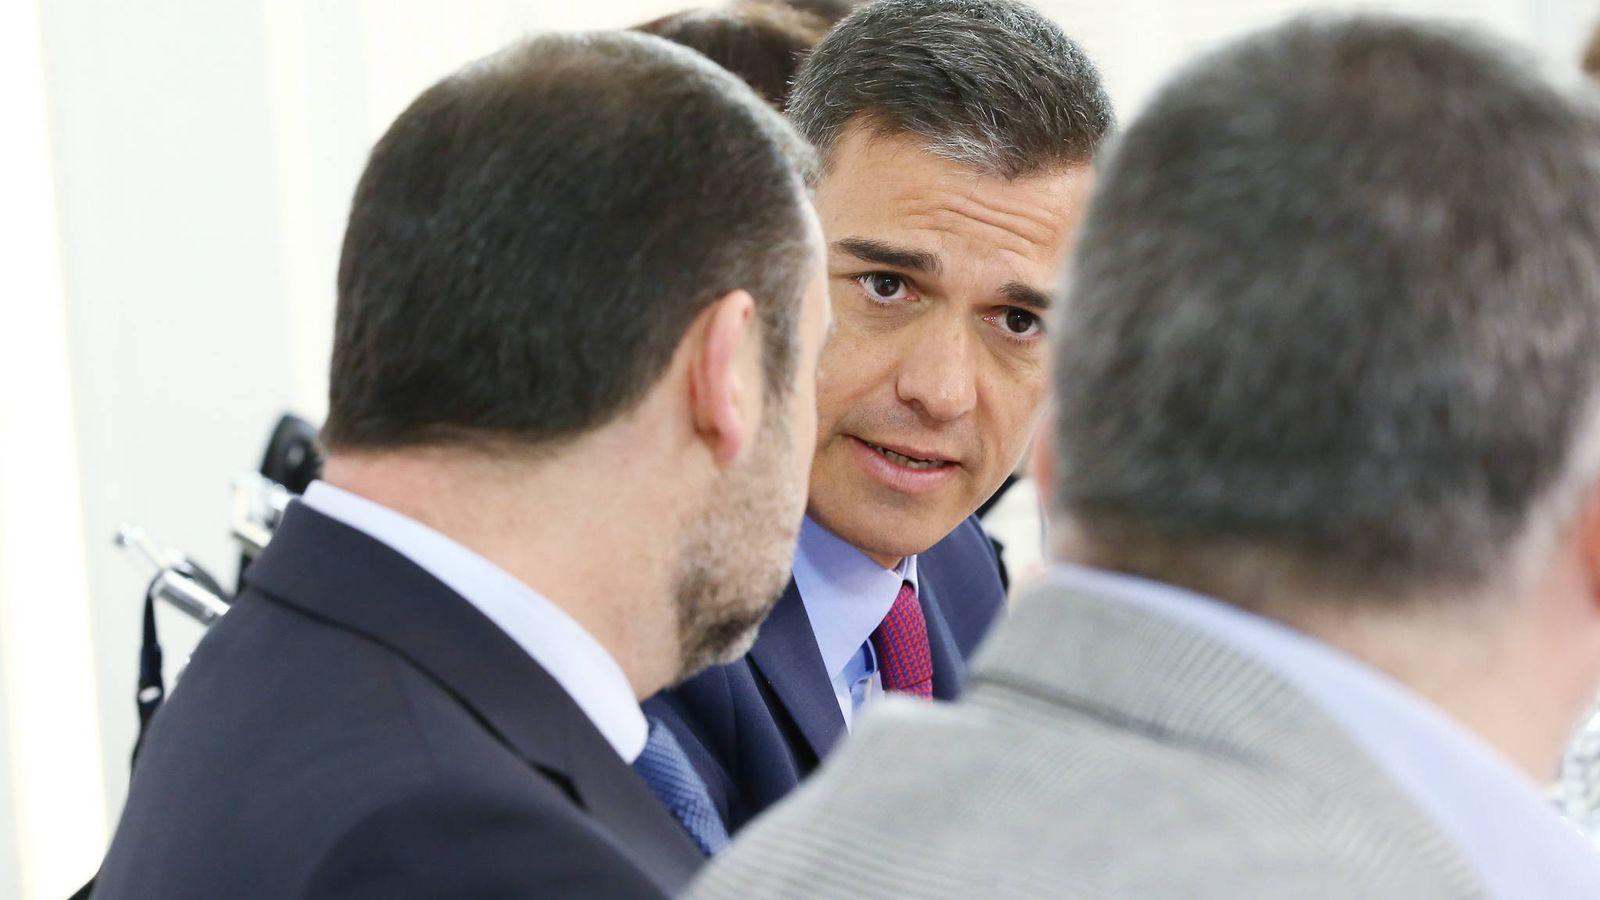 Foto: Pedro Sánchez charla con José Luis Ábalos y Santos Cerdán, este 8 de enero de 2019 durante la reunión de la ejecutiva federal del PSOE. (Inma Mesa | PSOE)